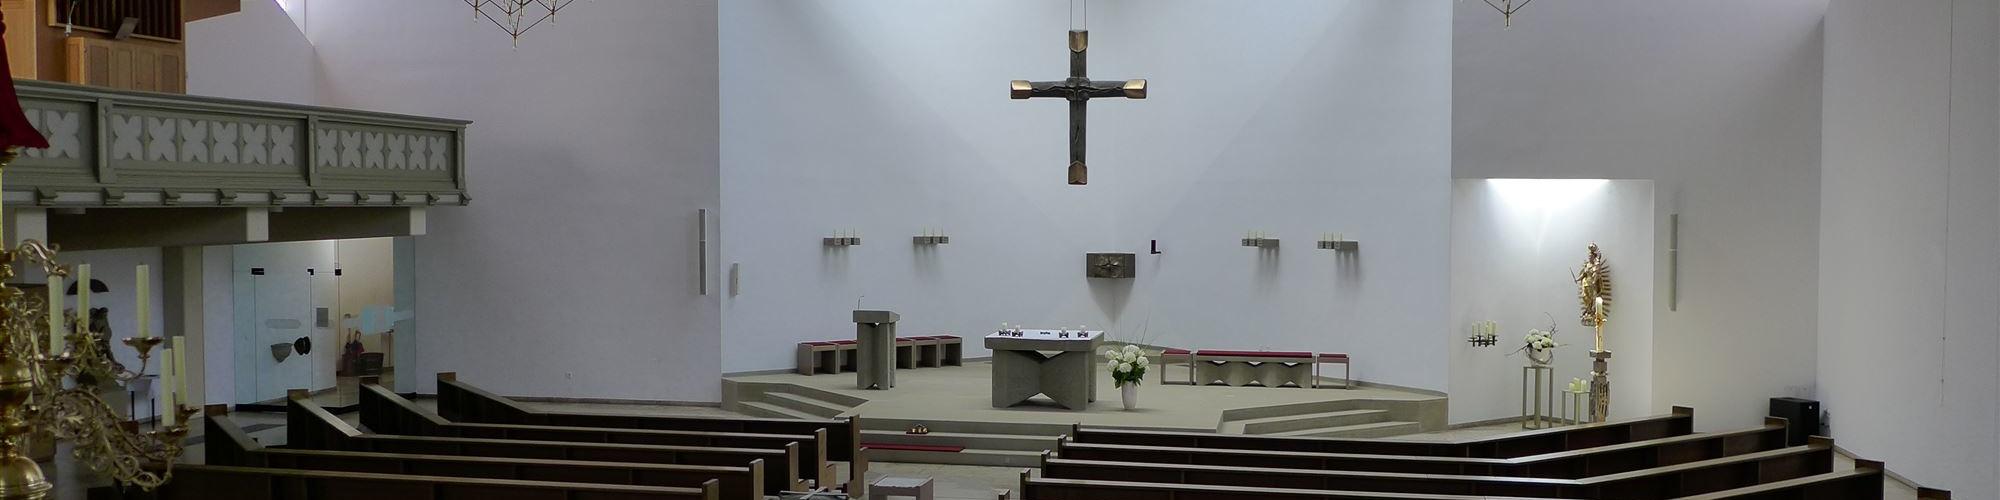 Kirche Oberwerrn - Blick ins Kirchenschiff-sld